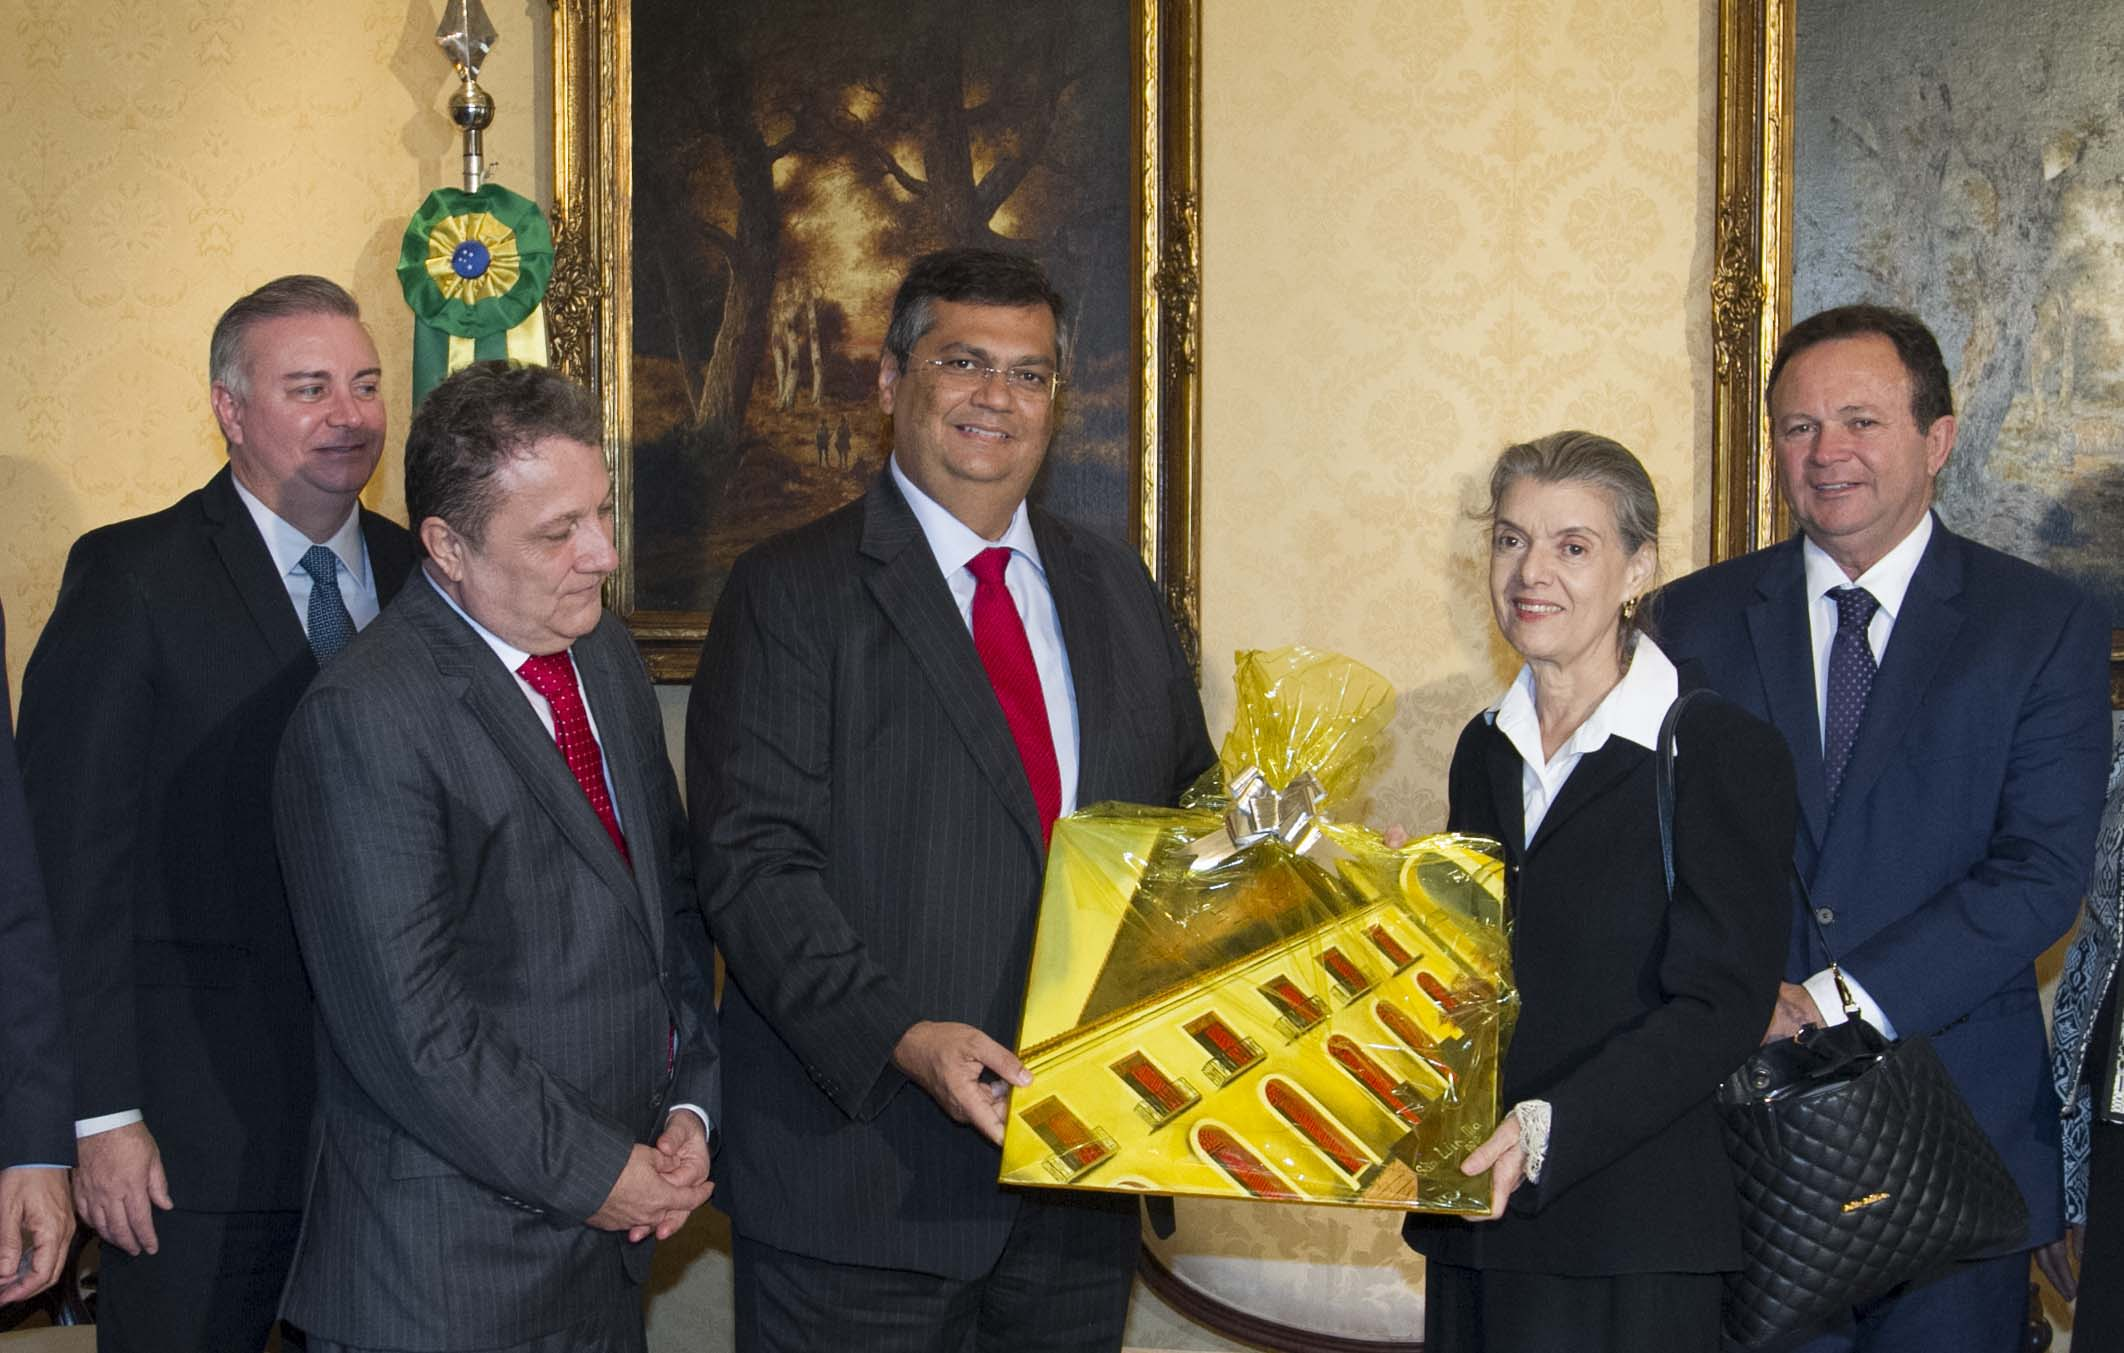 Foto 1_Gilson Teixeira_15-08-2016 - Visita da Ministra Carmem Lucia